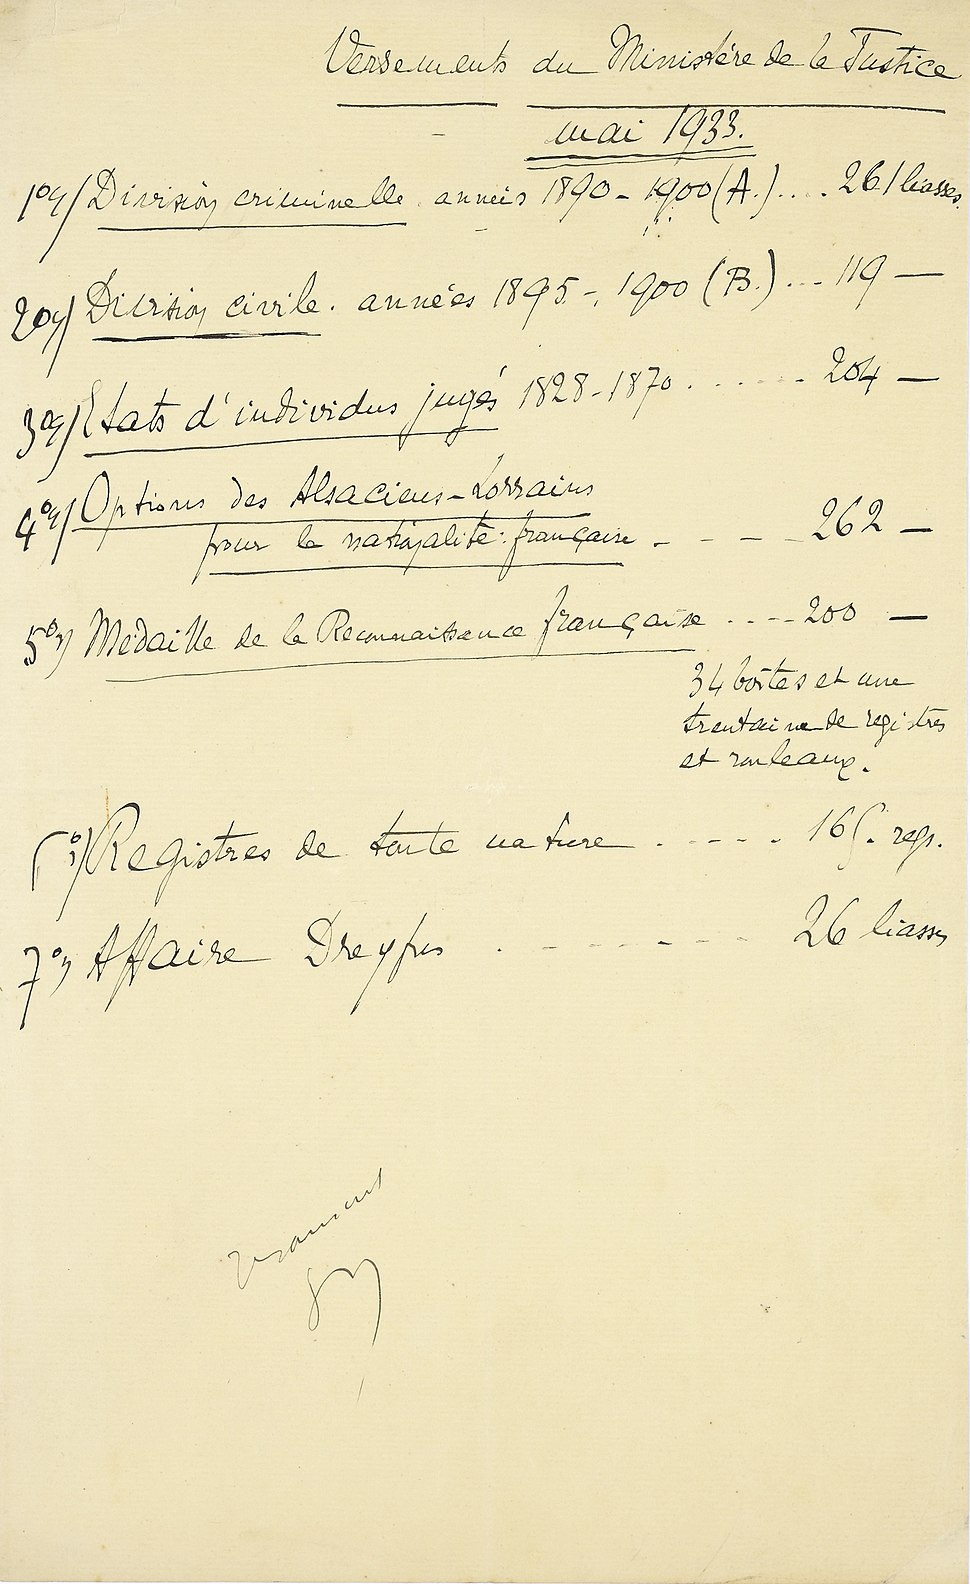 Listes des versements aux Archives, par le minist%C3%A8re de la Justice, des scell%C3%A9s de l%E2%80%99affaire Dreyfus - Archives Nationales - AB-V-d-9 - (1).jpg